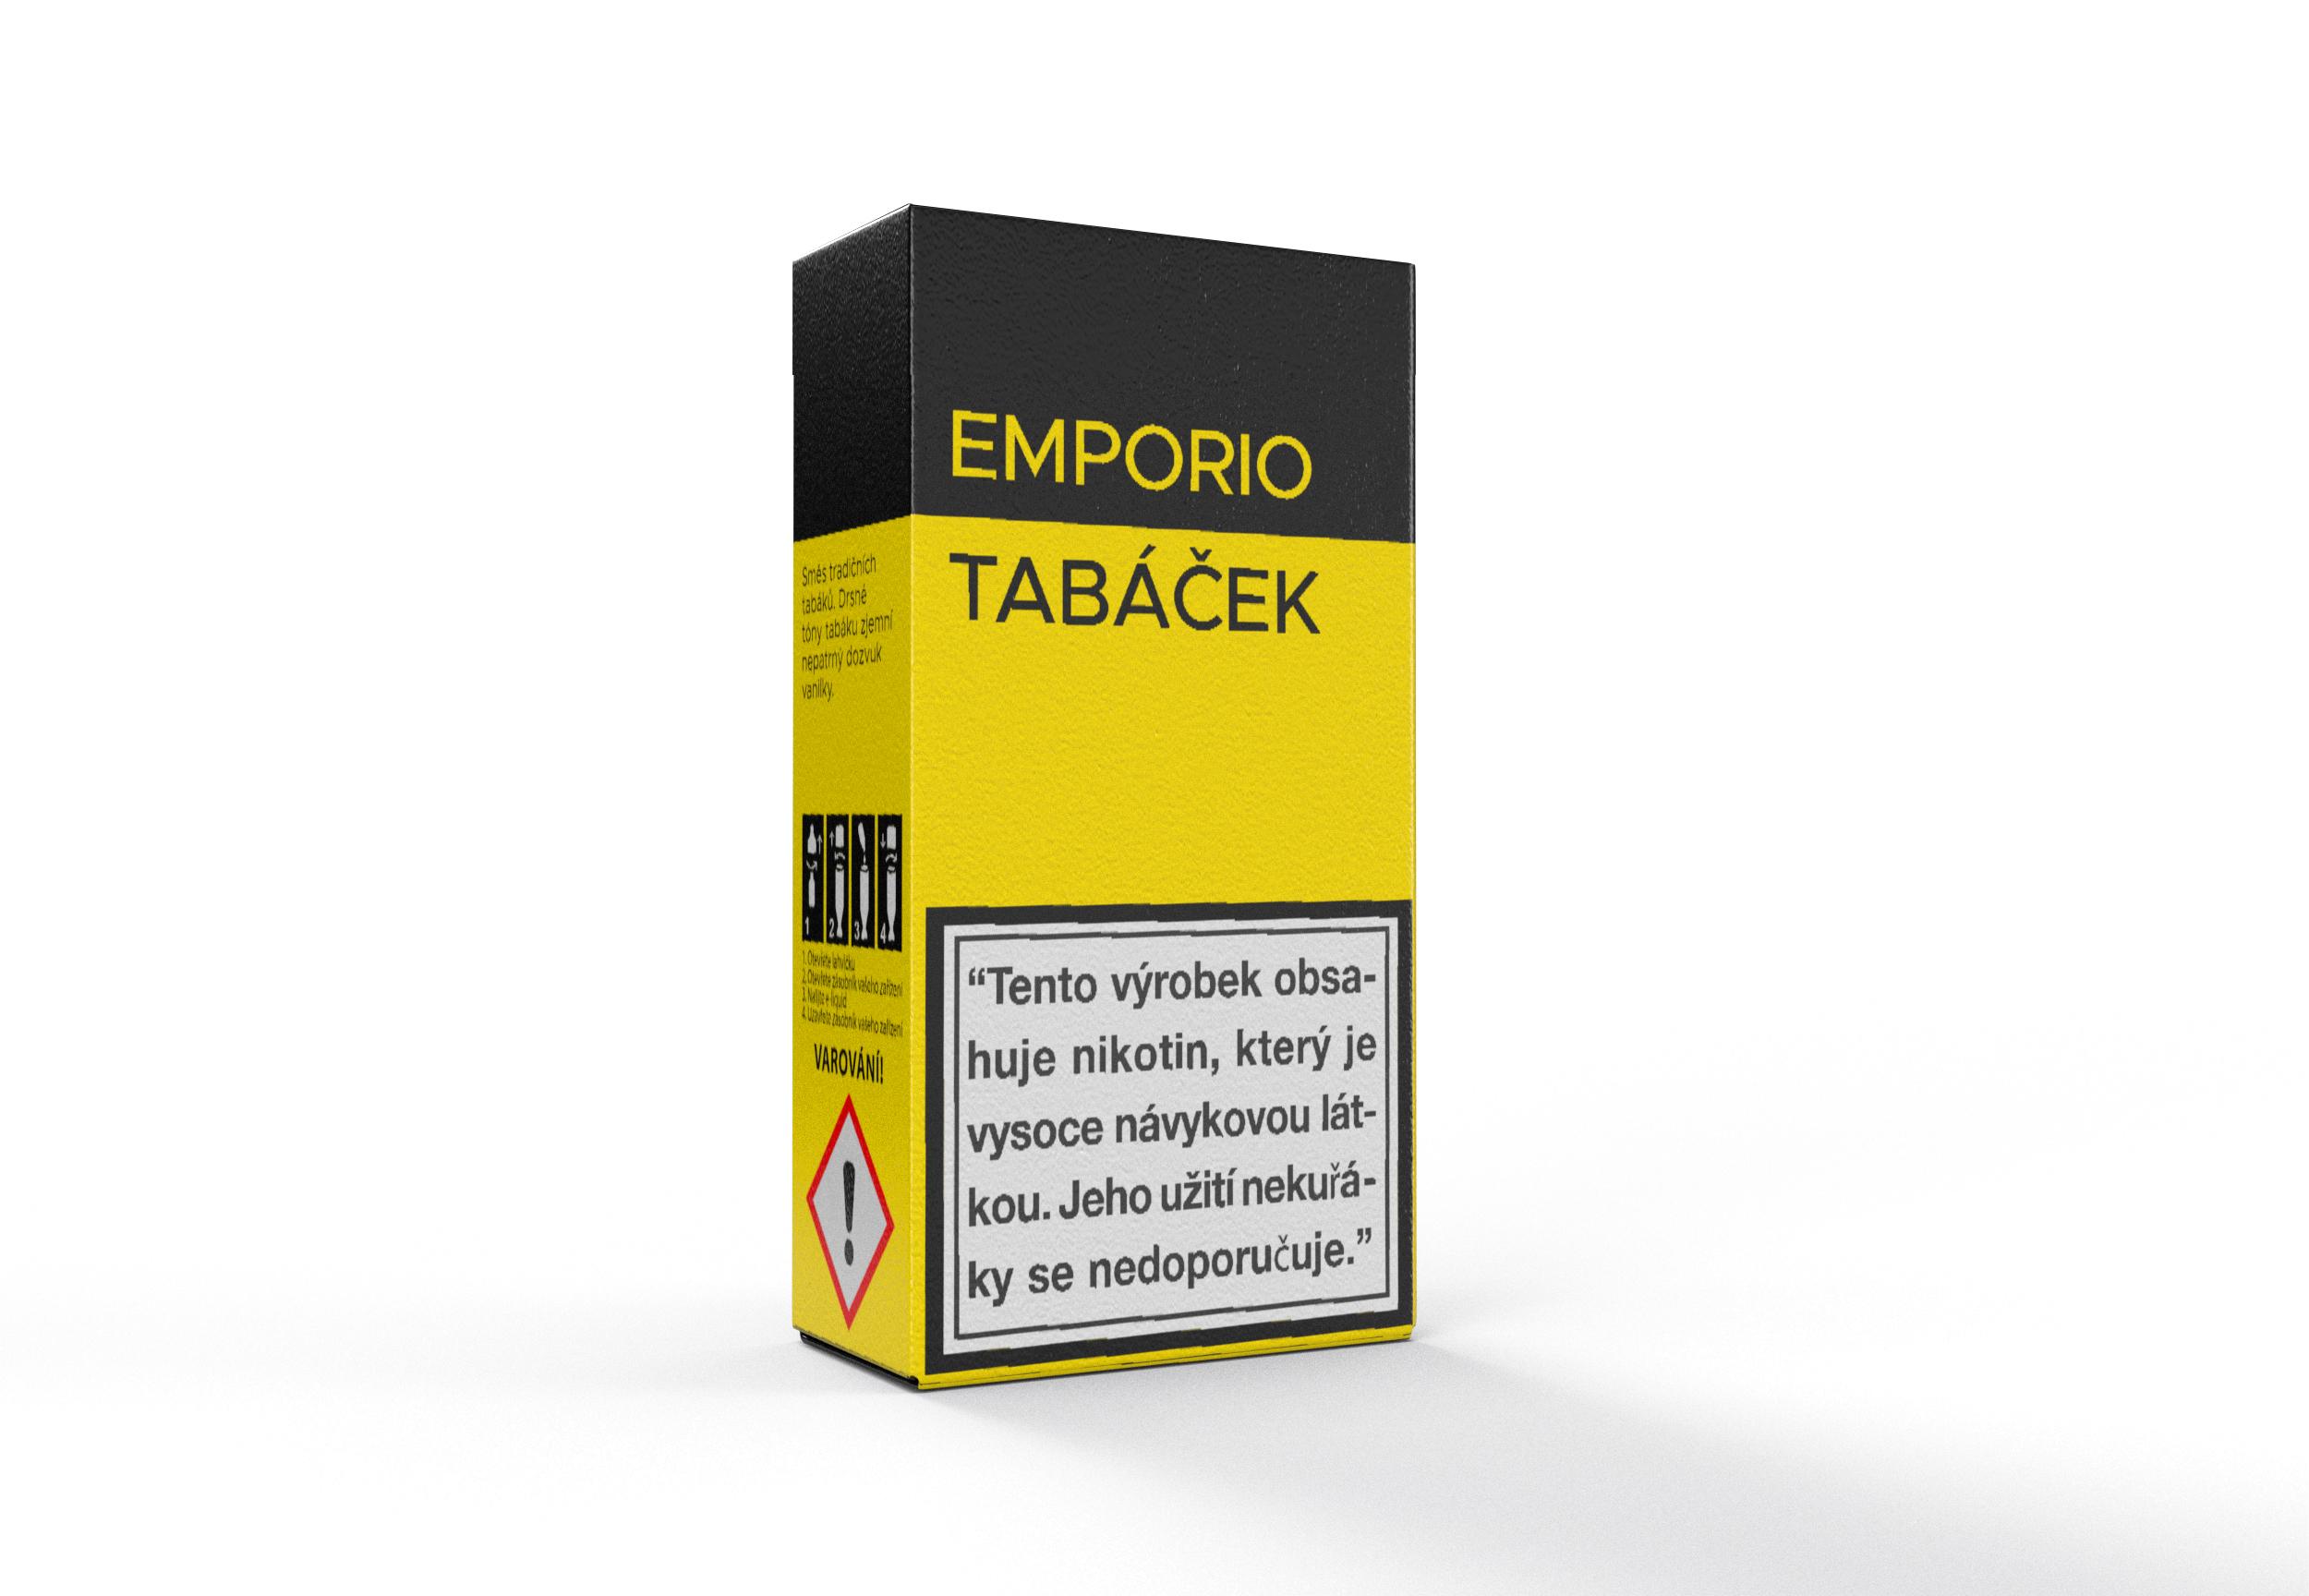 E-liquid EMPORIO Tobacco (Tabáček) 10ml Množství nikotinu: 0mg